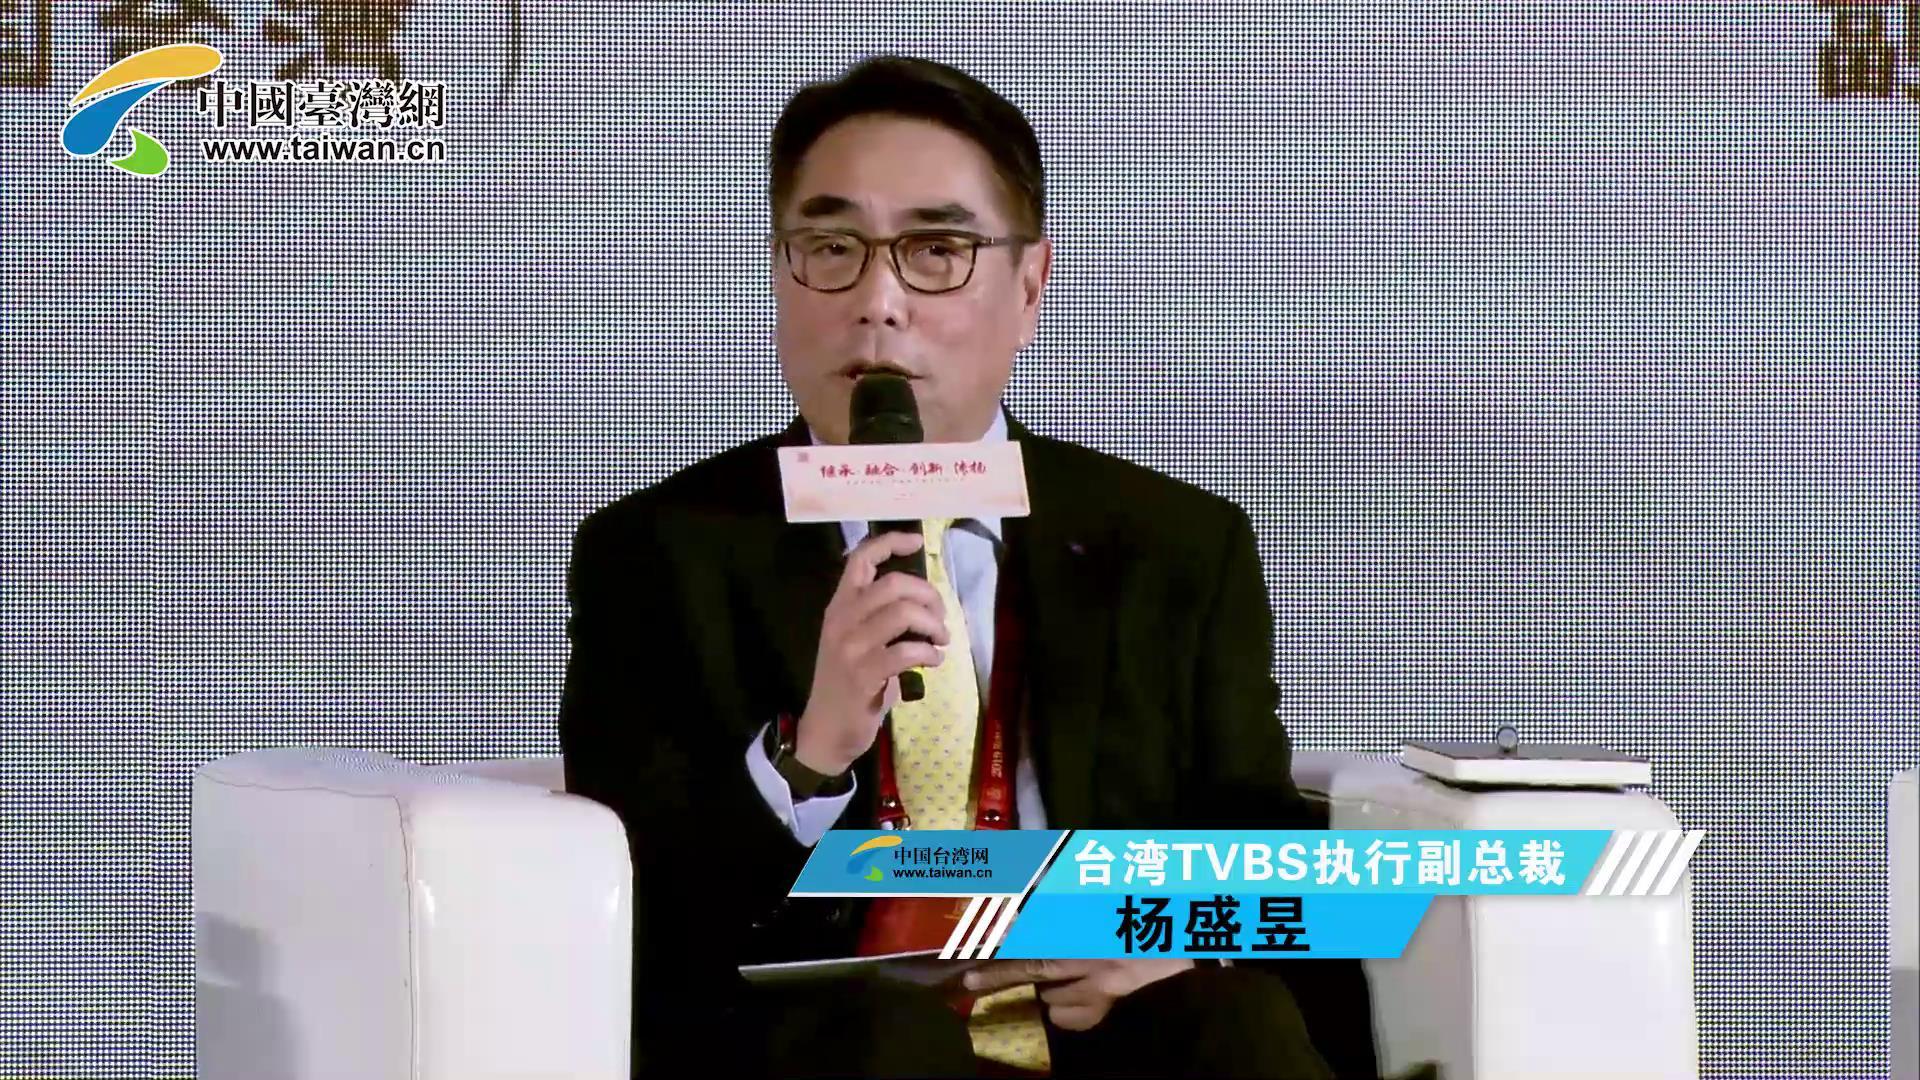 臺灣TVBS執行副總裁 楊盛昱圖片